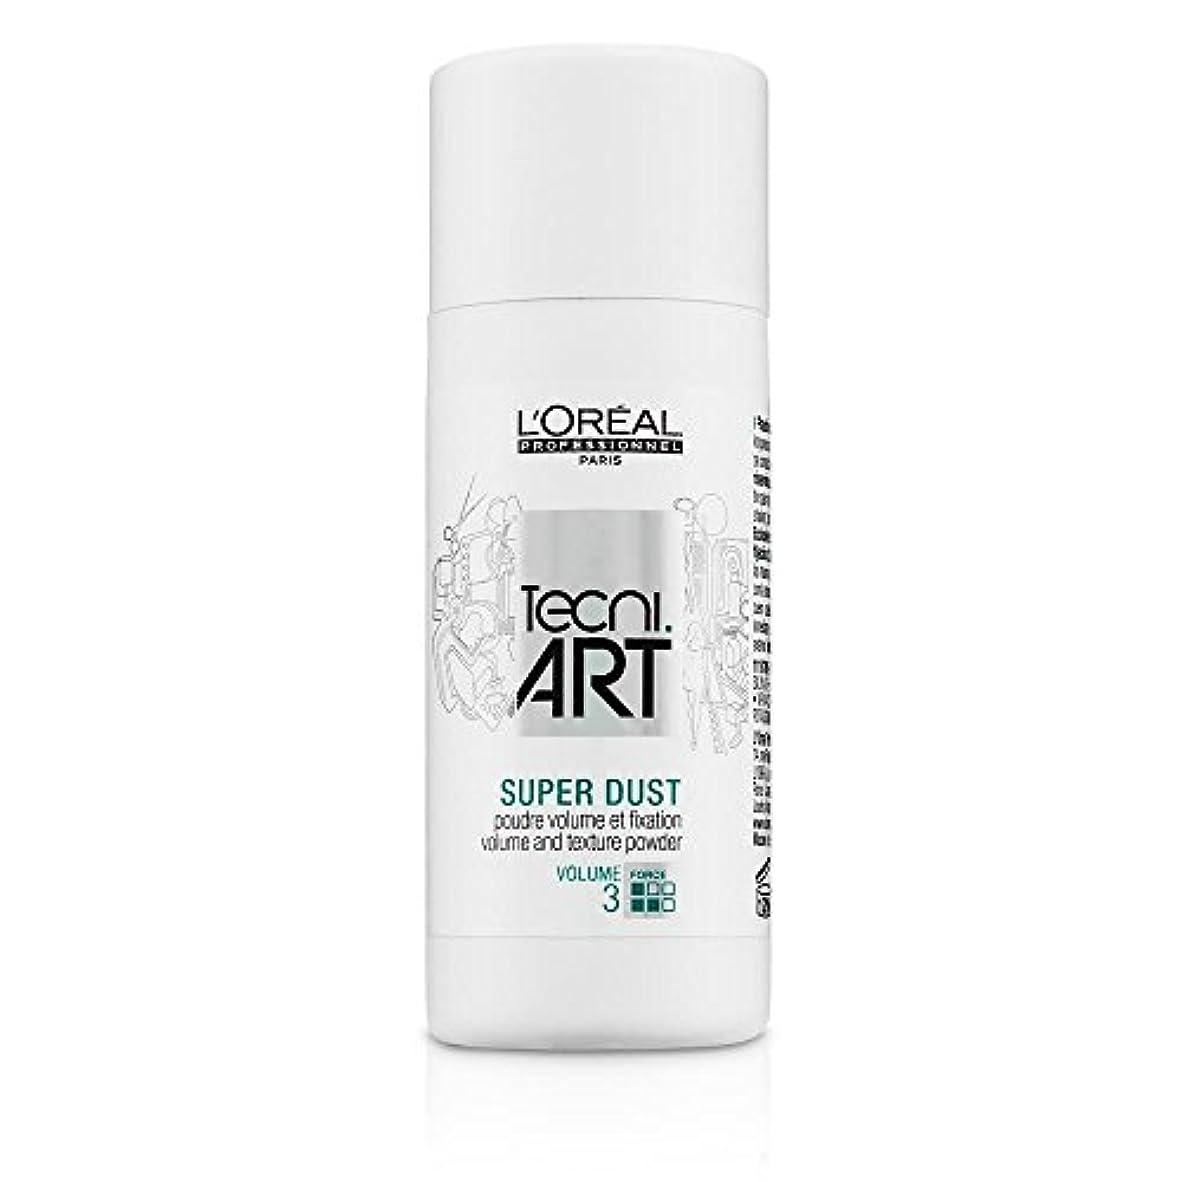 郡勝利関係ないL'Oreal Tecni Art Super Dust - Volume And Texture Powder 7g [並行輸入品]